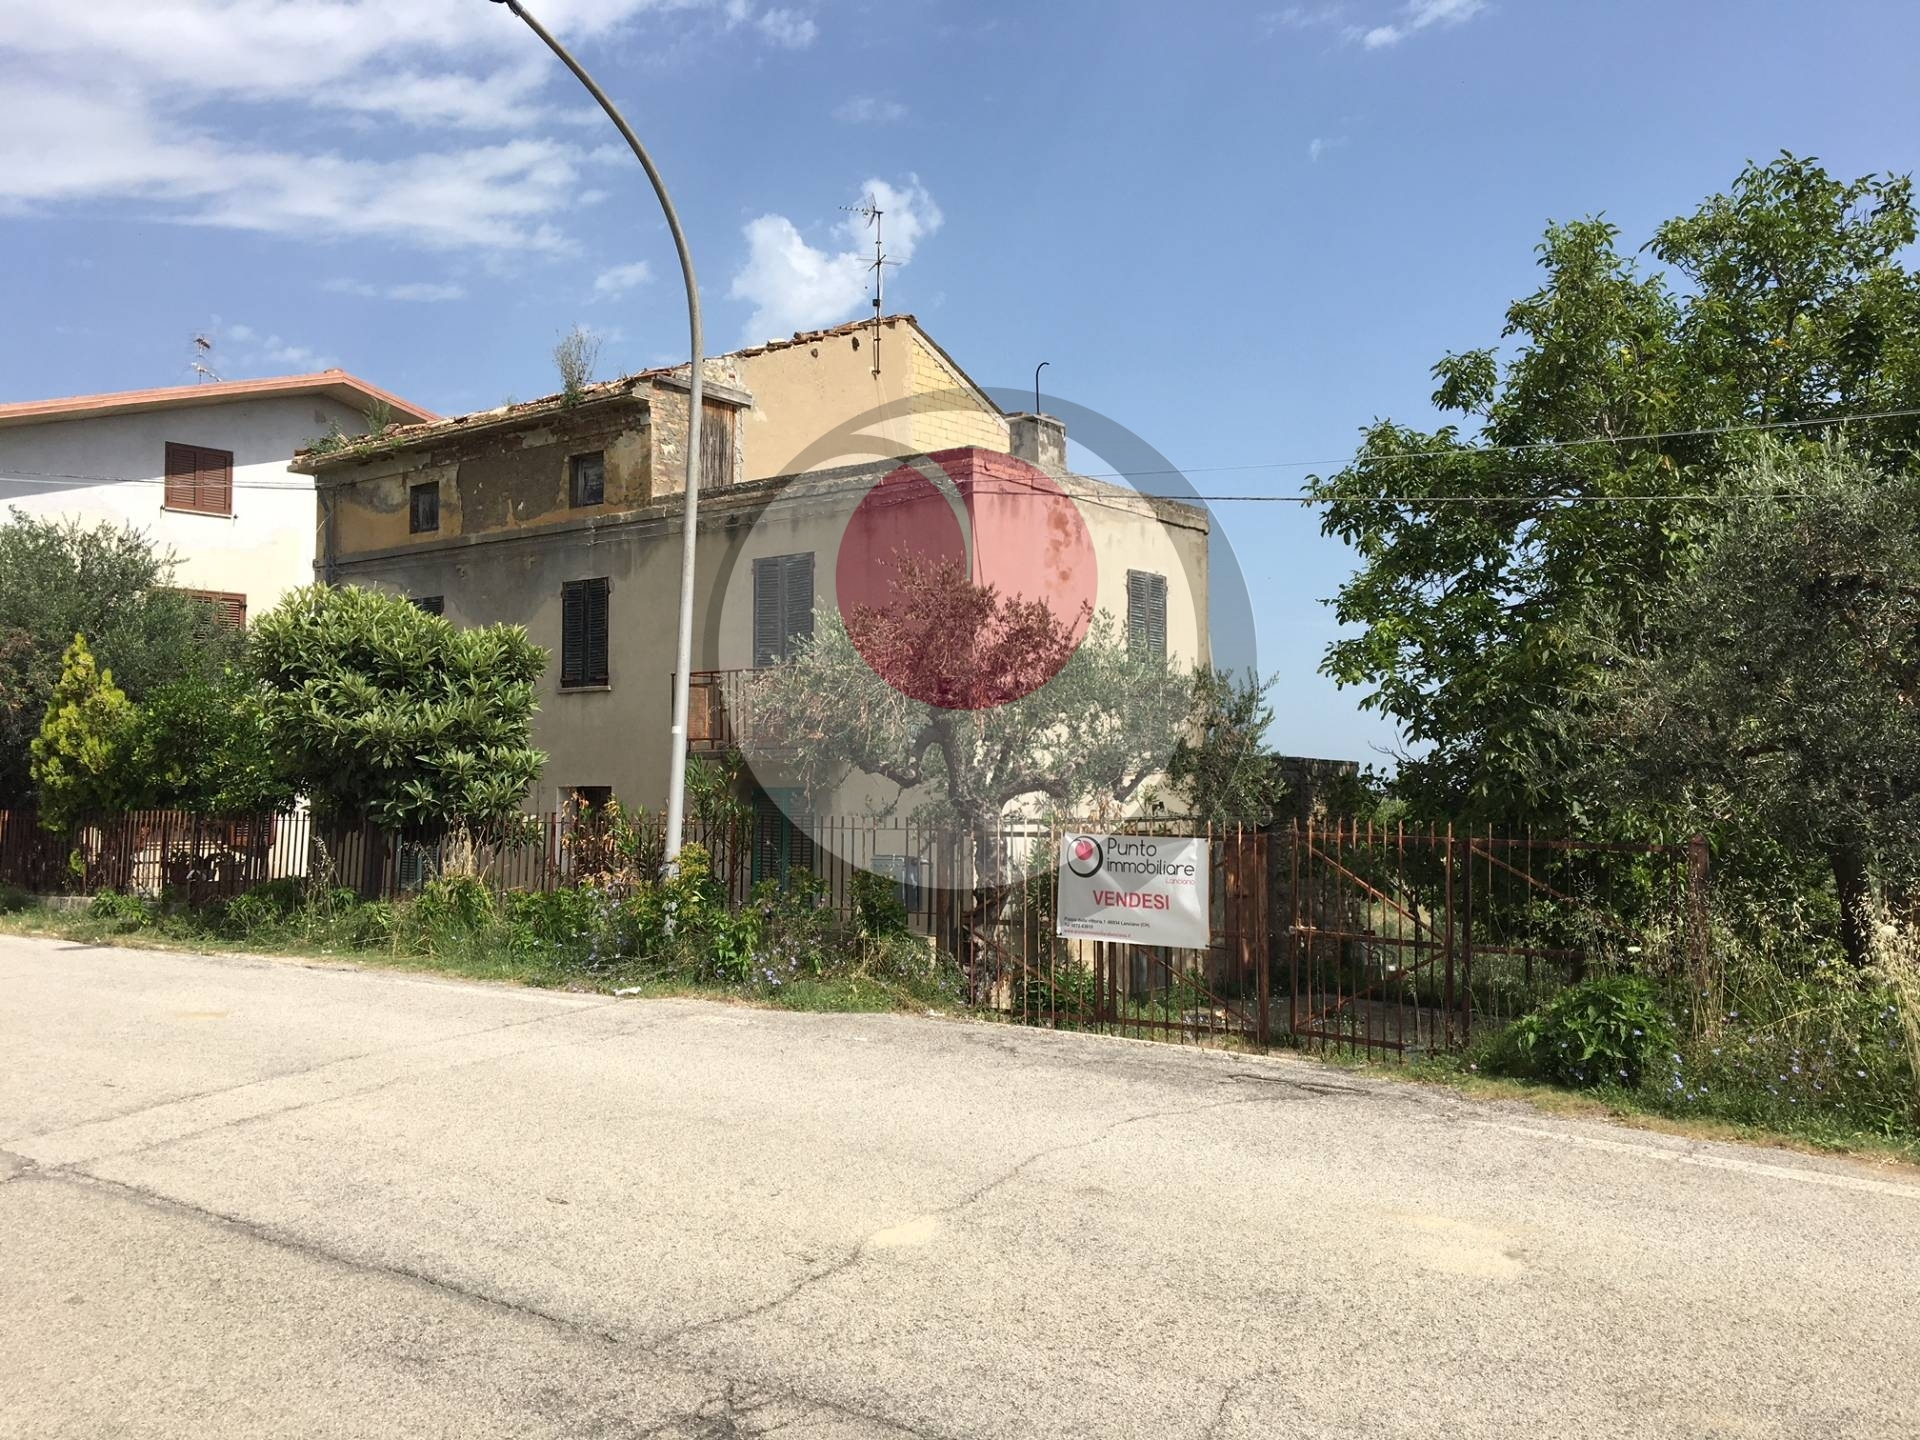 Rustico / Casale in vendita a Frisa, 8 locali, prezzo € 95.000 | CambioCasa.it